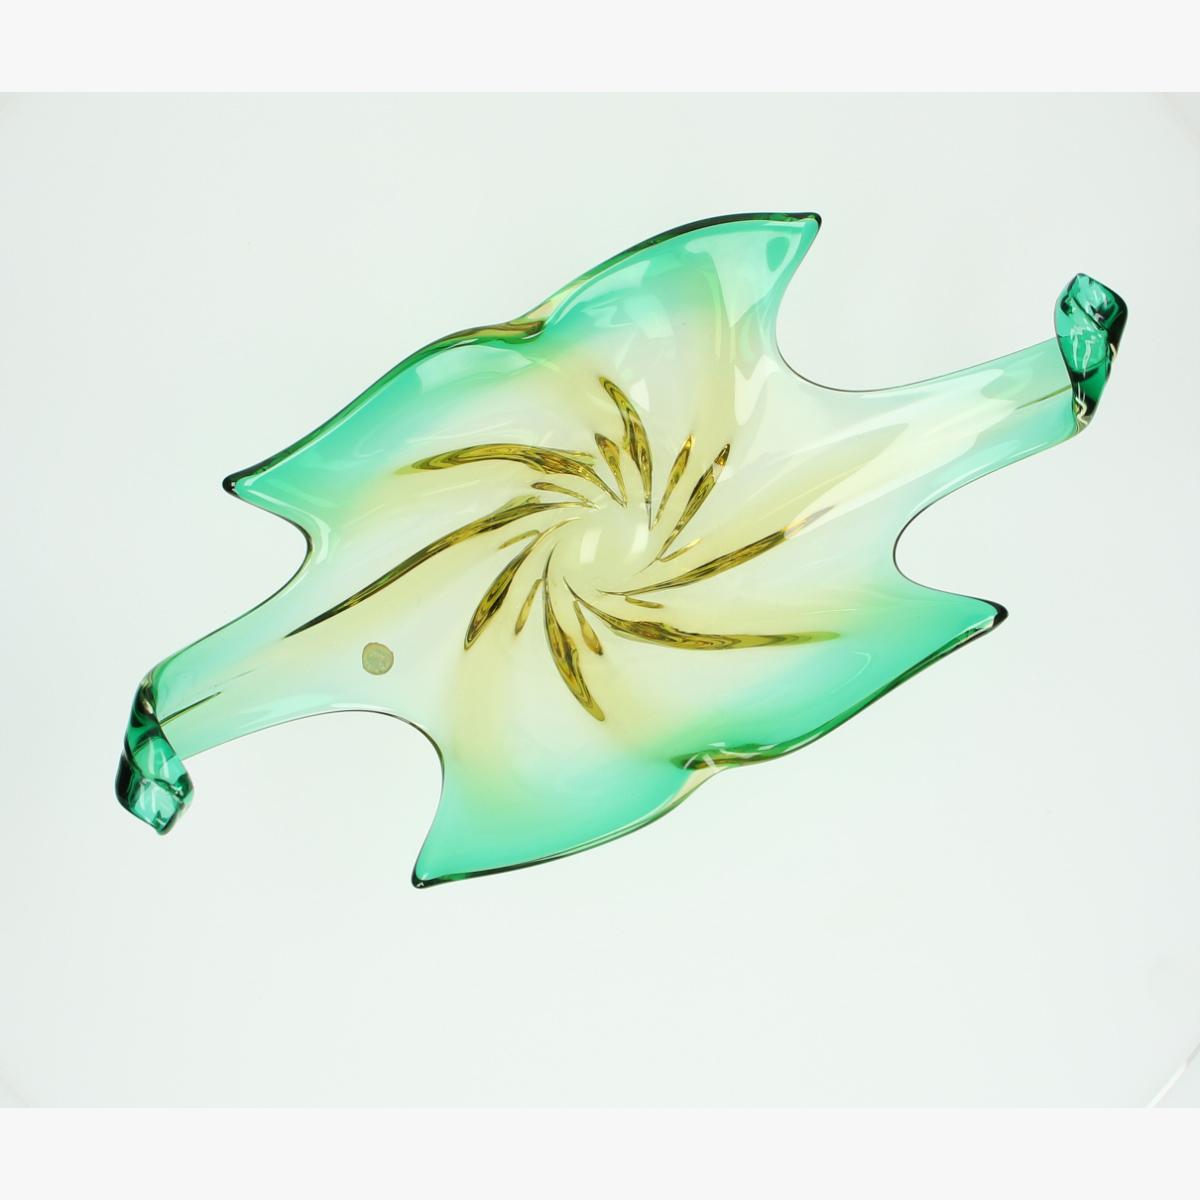 Afbeeldingen van schaal mirano made in italy